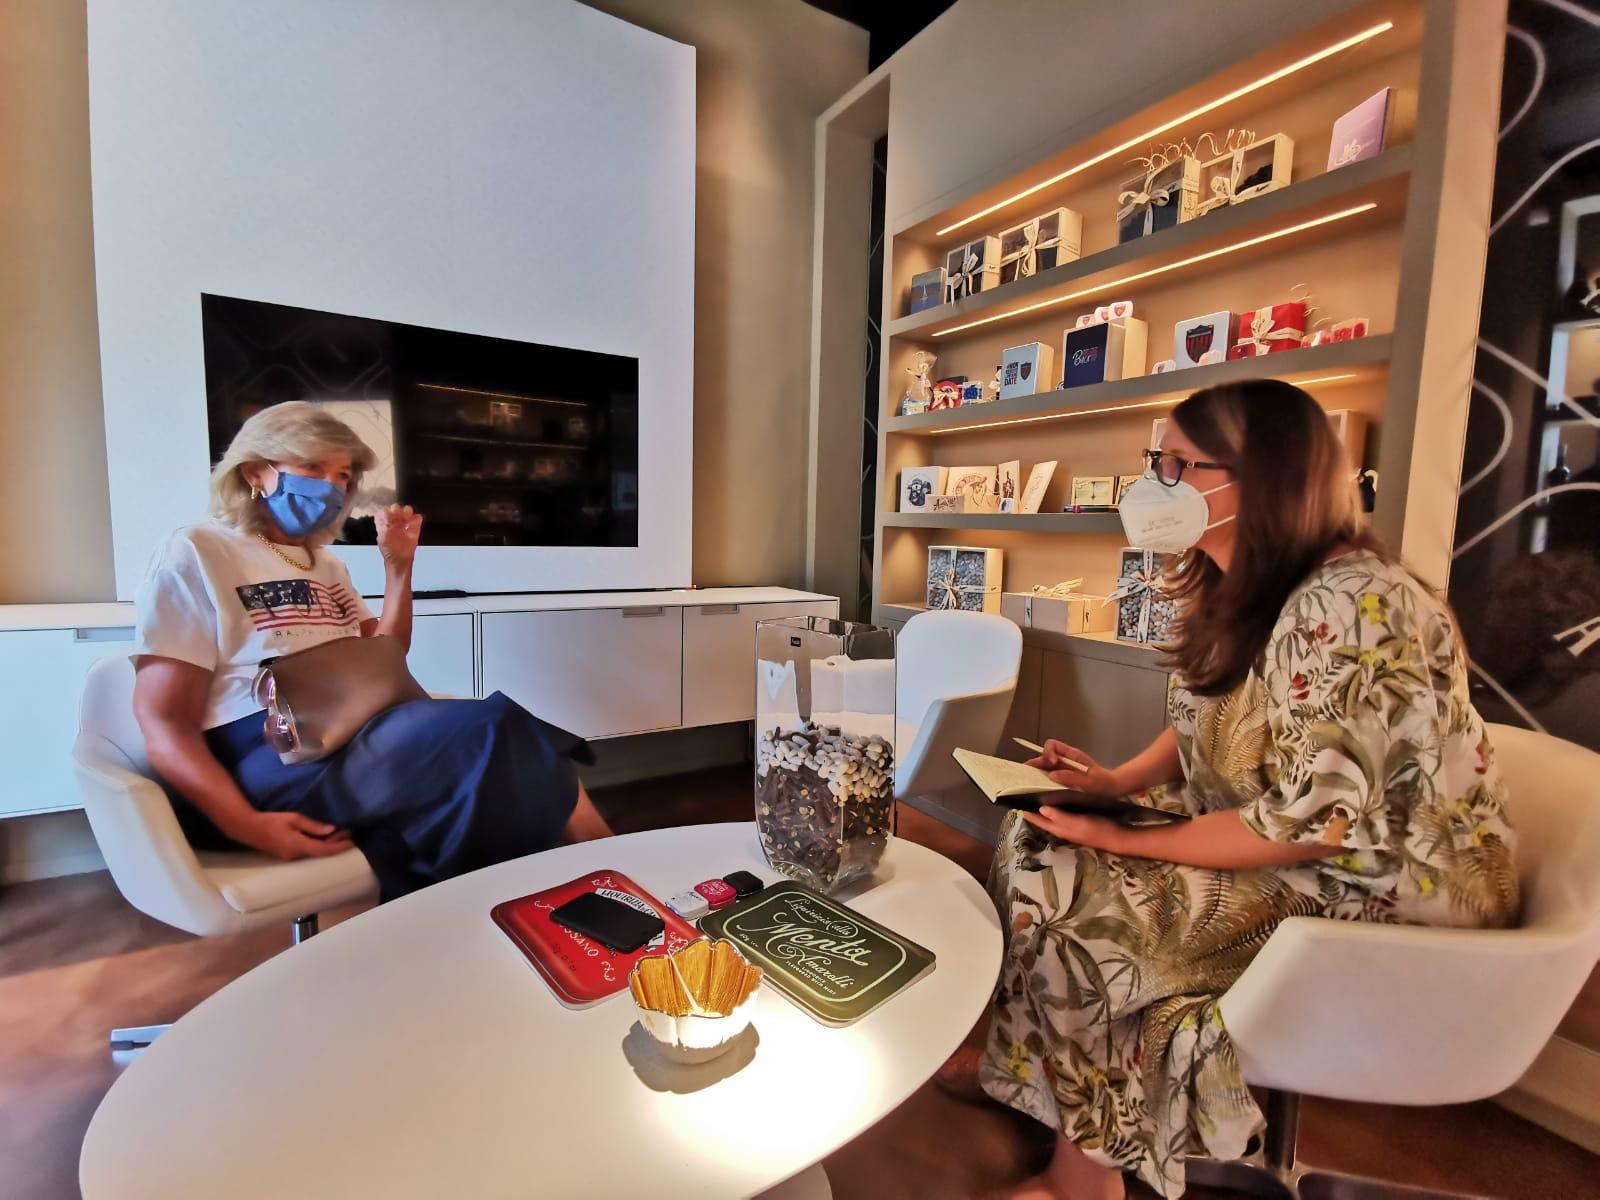 drittoxdritto intervista Pina Amarelli presso la fabbrica di liquirizia in Calabria